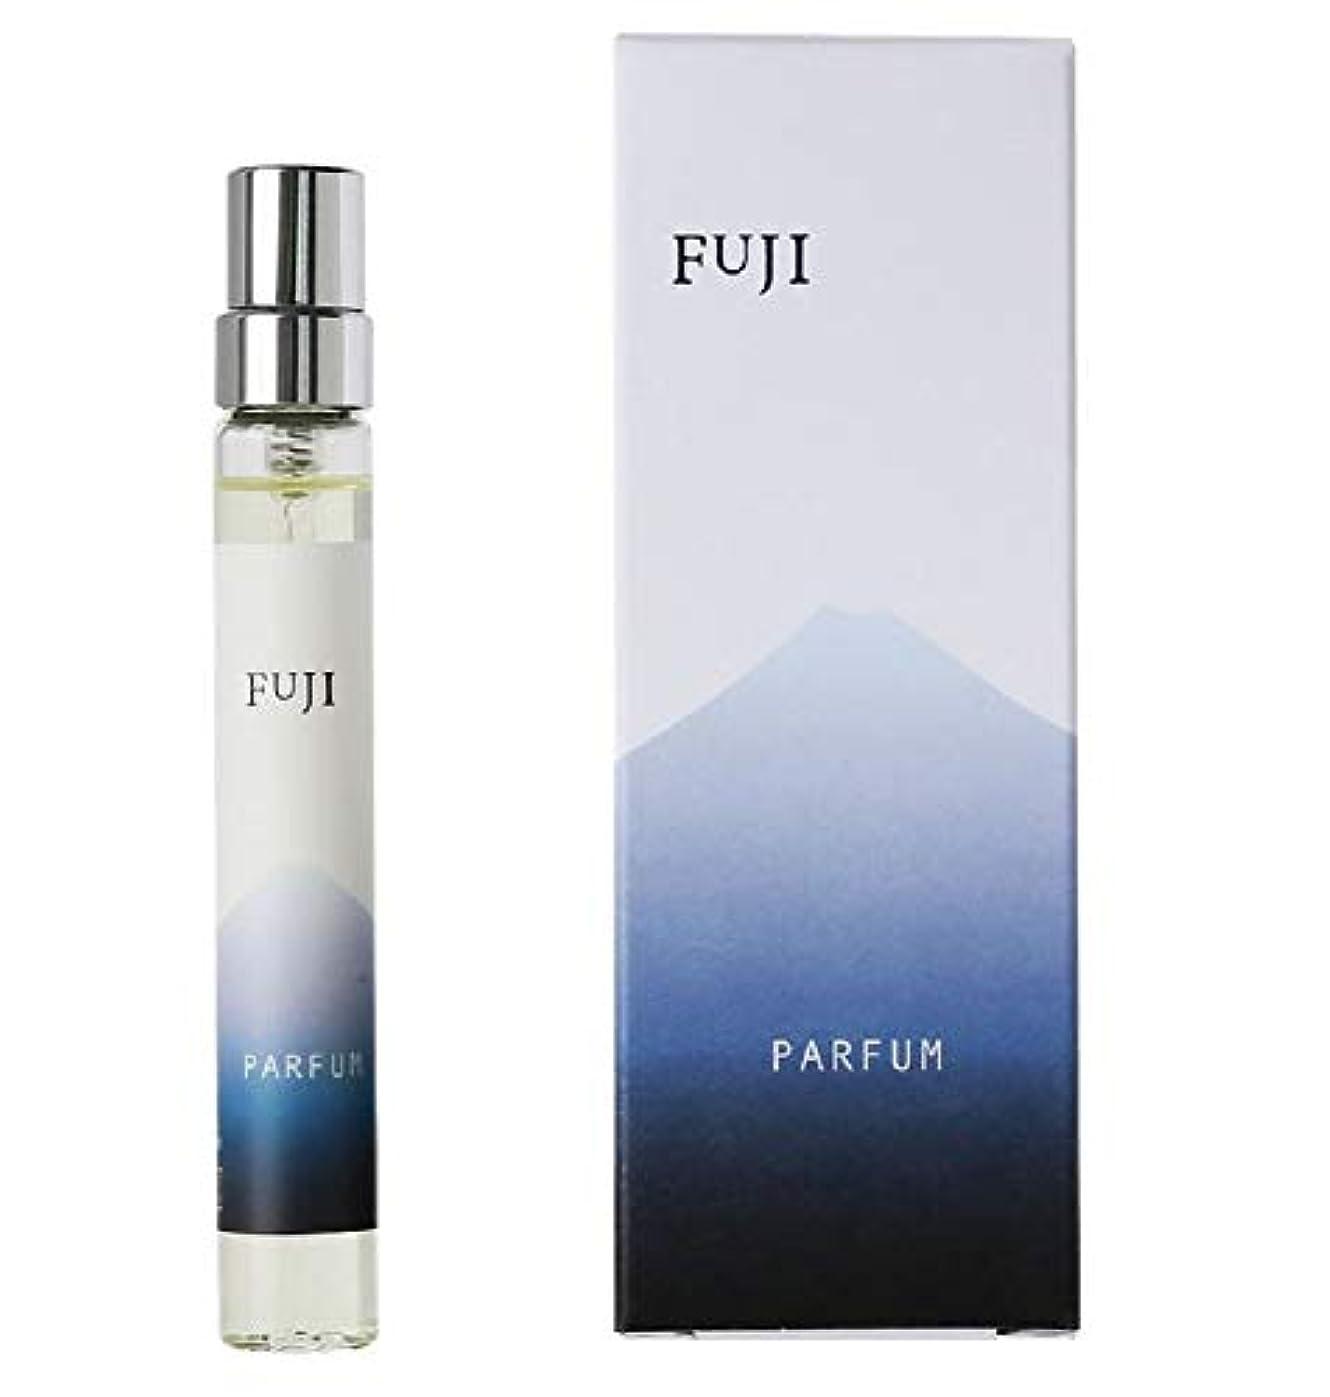 電子登場月曜パルファム フジ parfum fuji 最高級 パルファン 1ダースセット(12本) 限定割引 & 送料無料 富士山 香水 海外みやげ